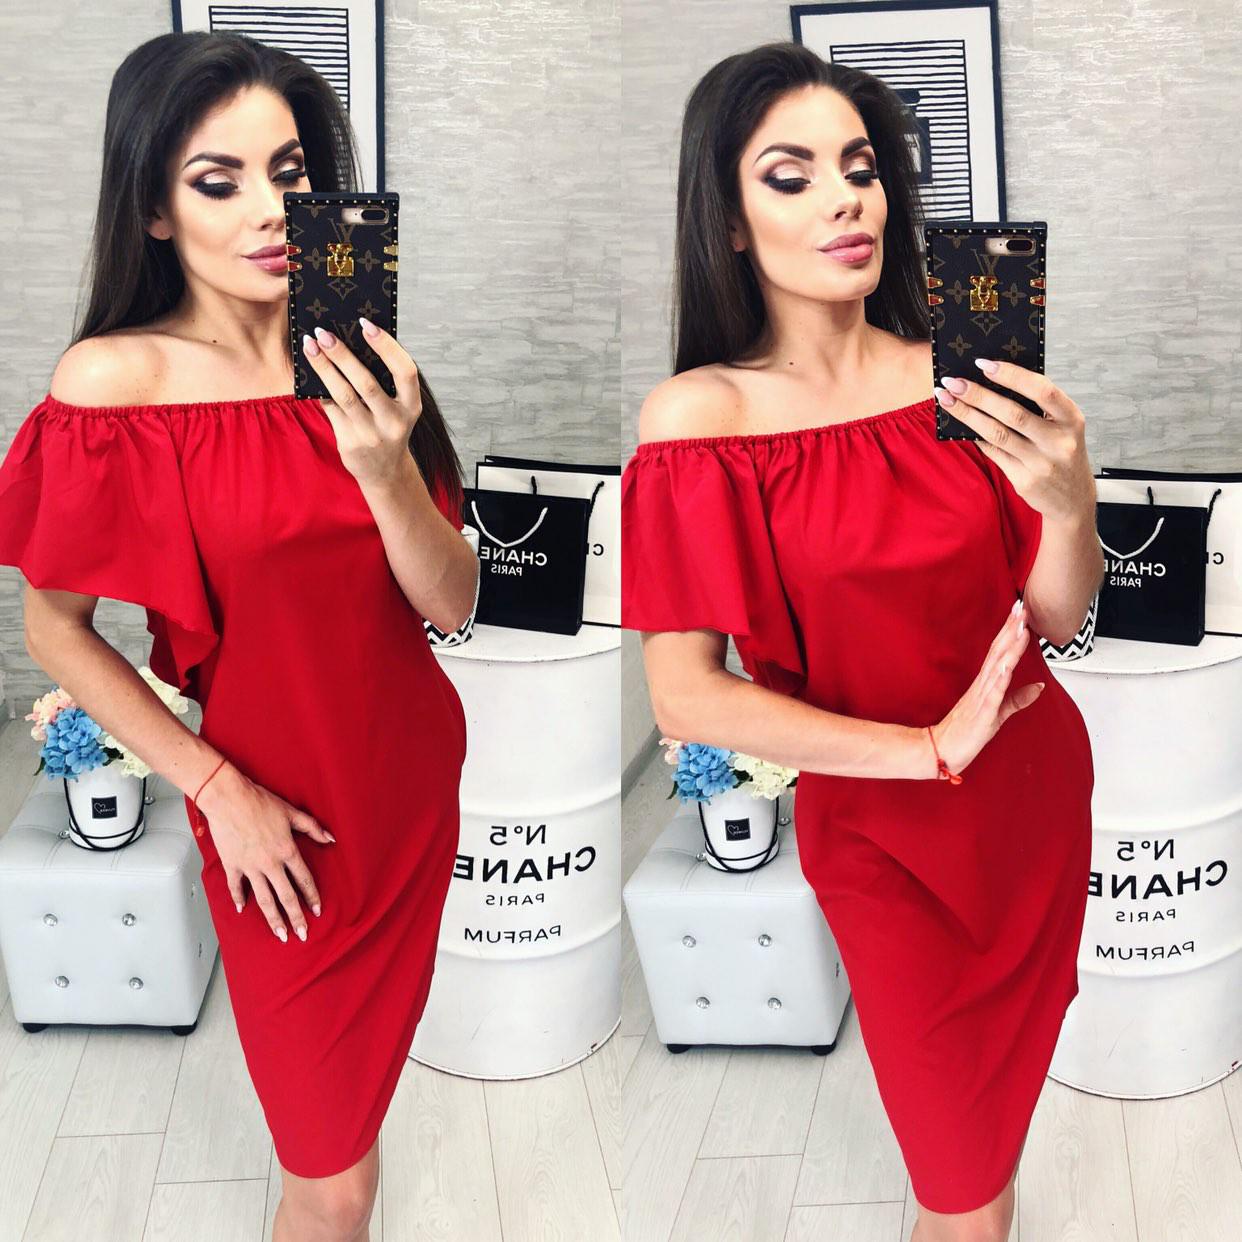 Плаття літнє на резинці, з кишенями, модель 114, колір - червоний